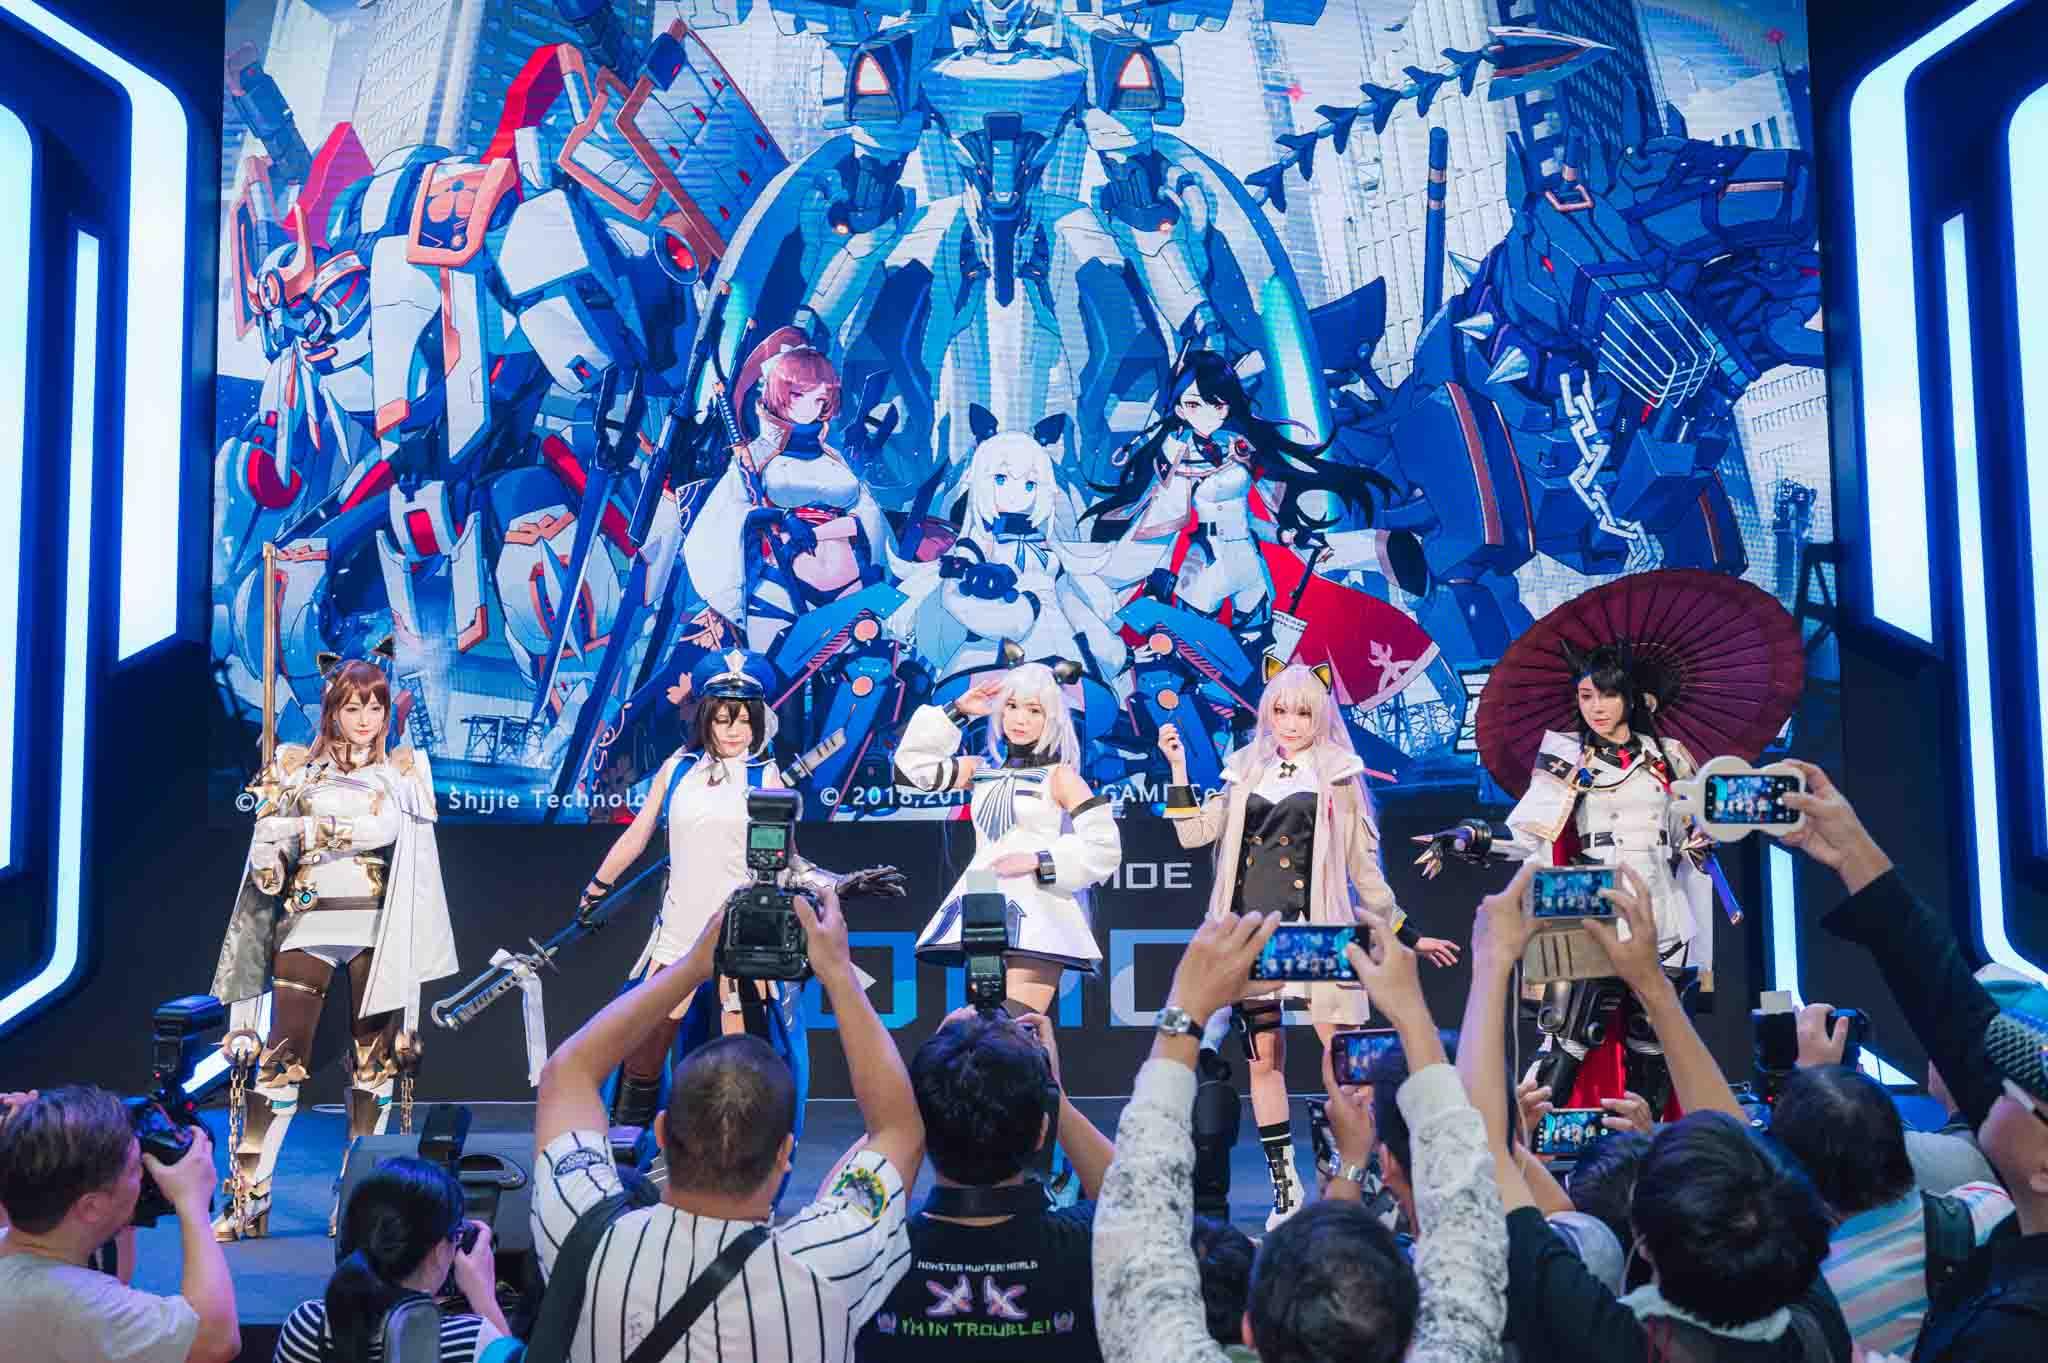 《重裝戰姬》繁中版首次出展 HIGH翻「2019漫畫博覽會」! 精彩活動、精美贈品完整公開!